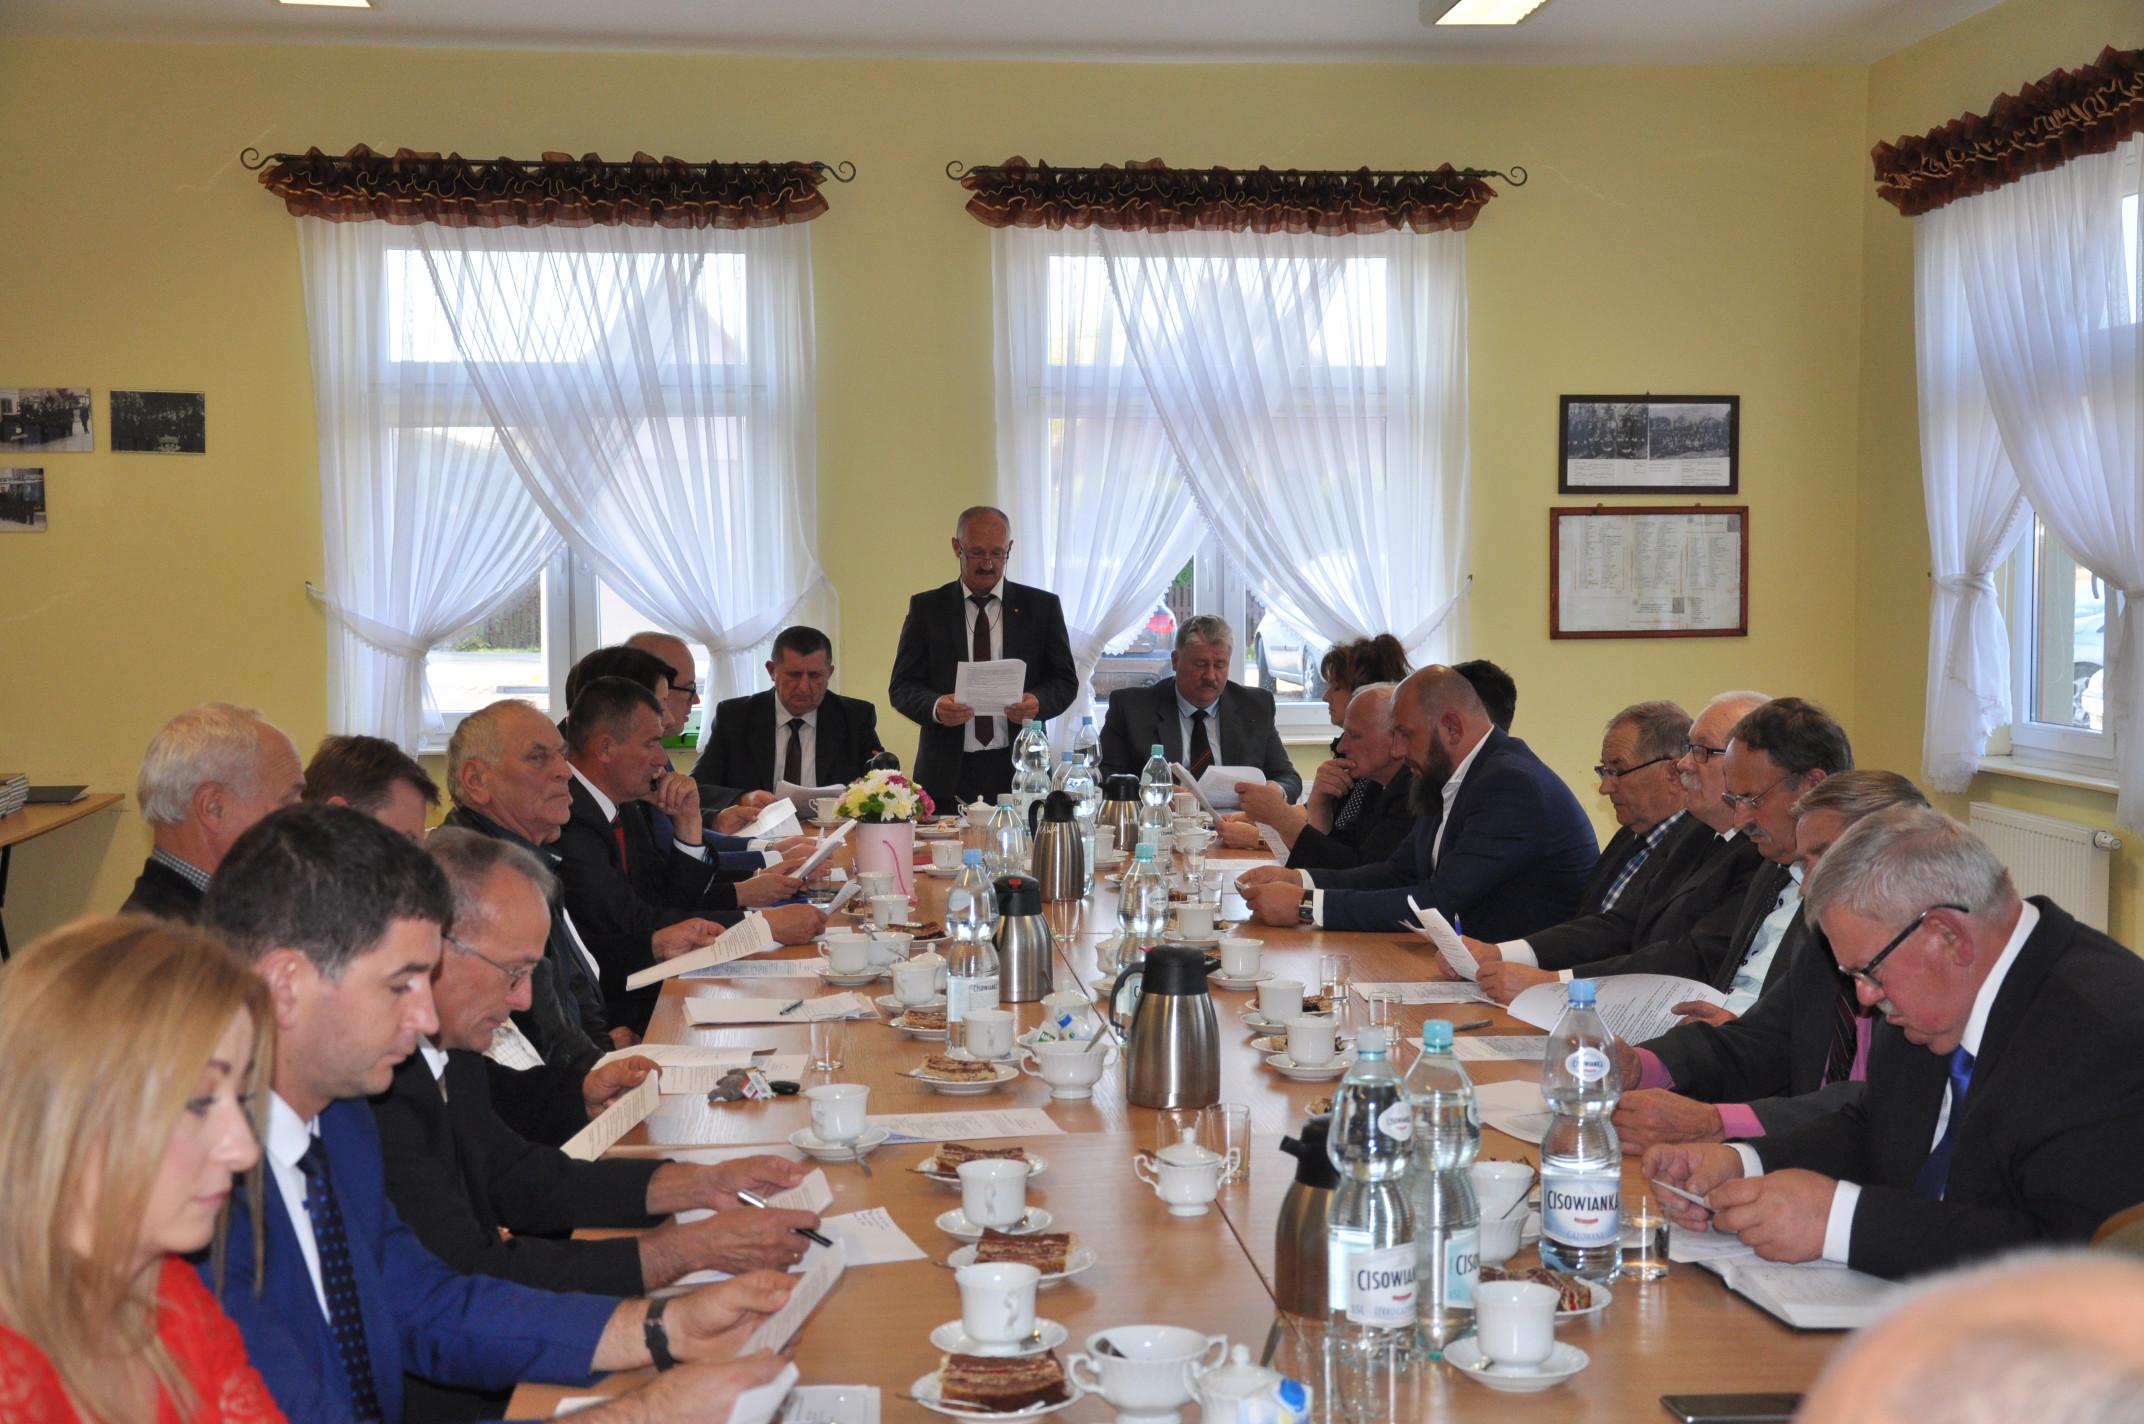 Rada Gminy Dzikowiec obradowała po raz ostatni w starym składzie. Zobaczcie jak wyglądała sesja [ZDJĘCIA] - Zdjęcie główne